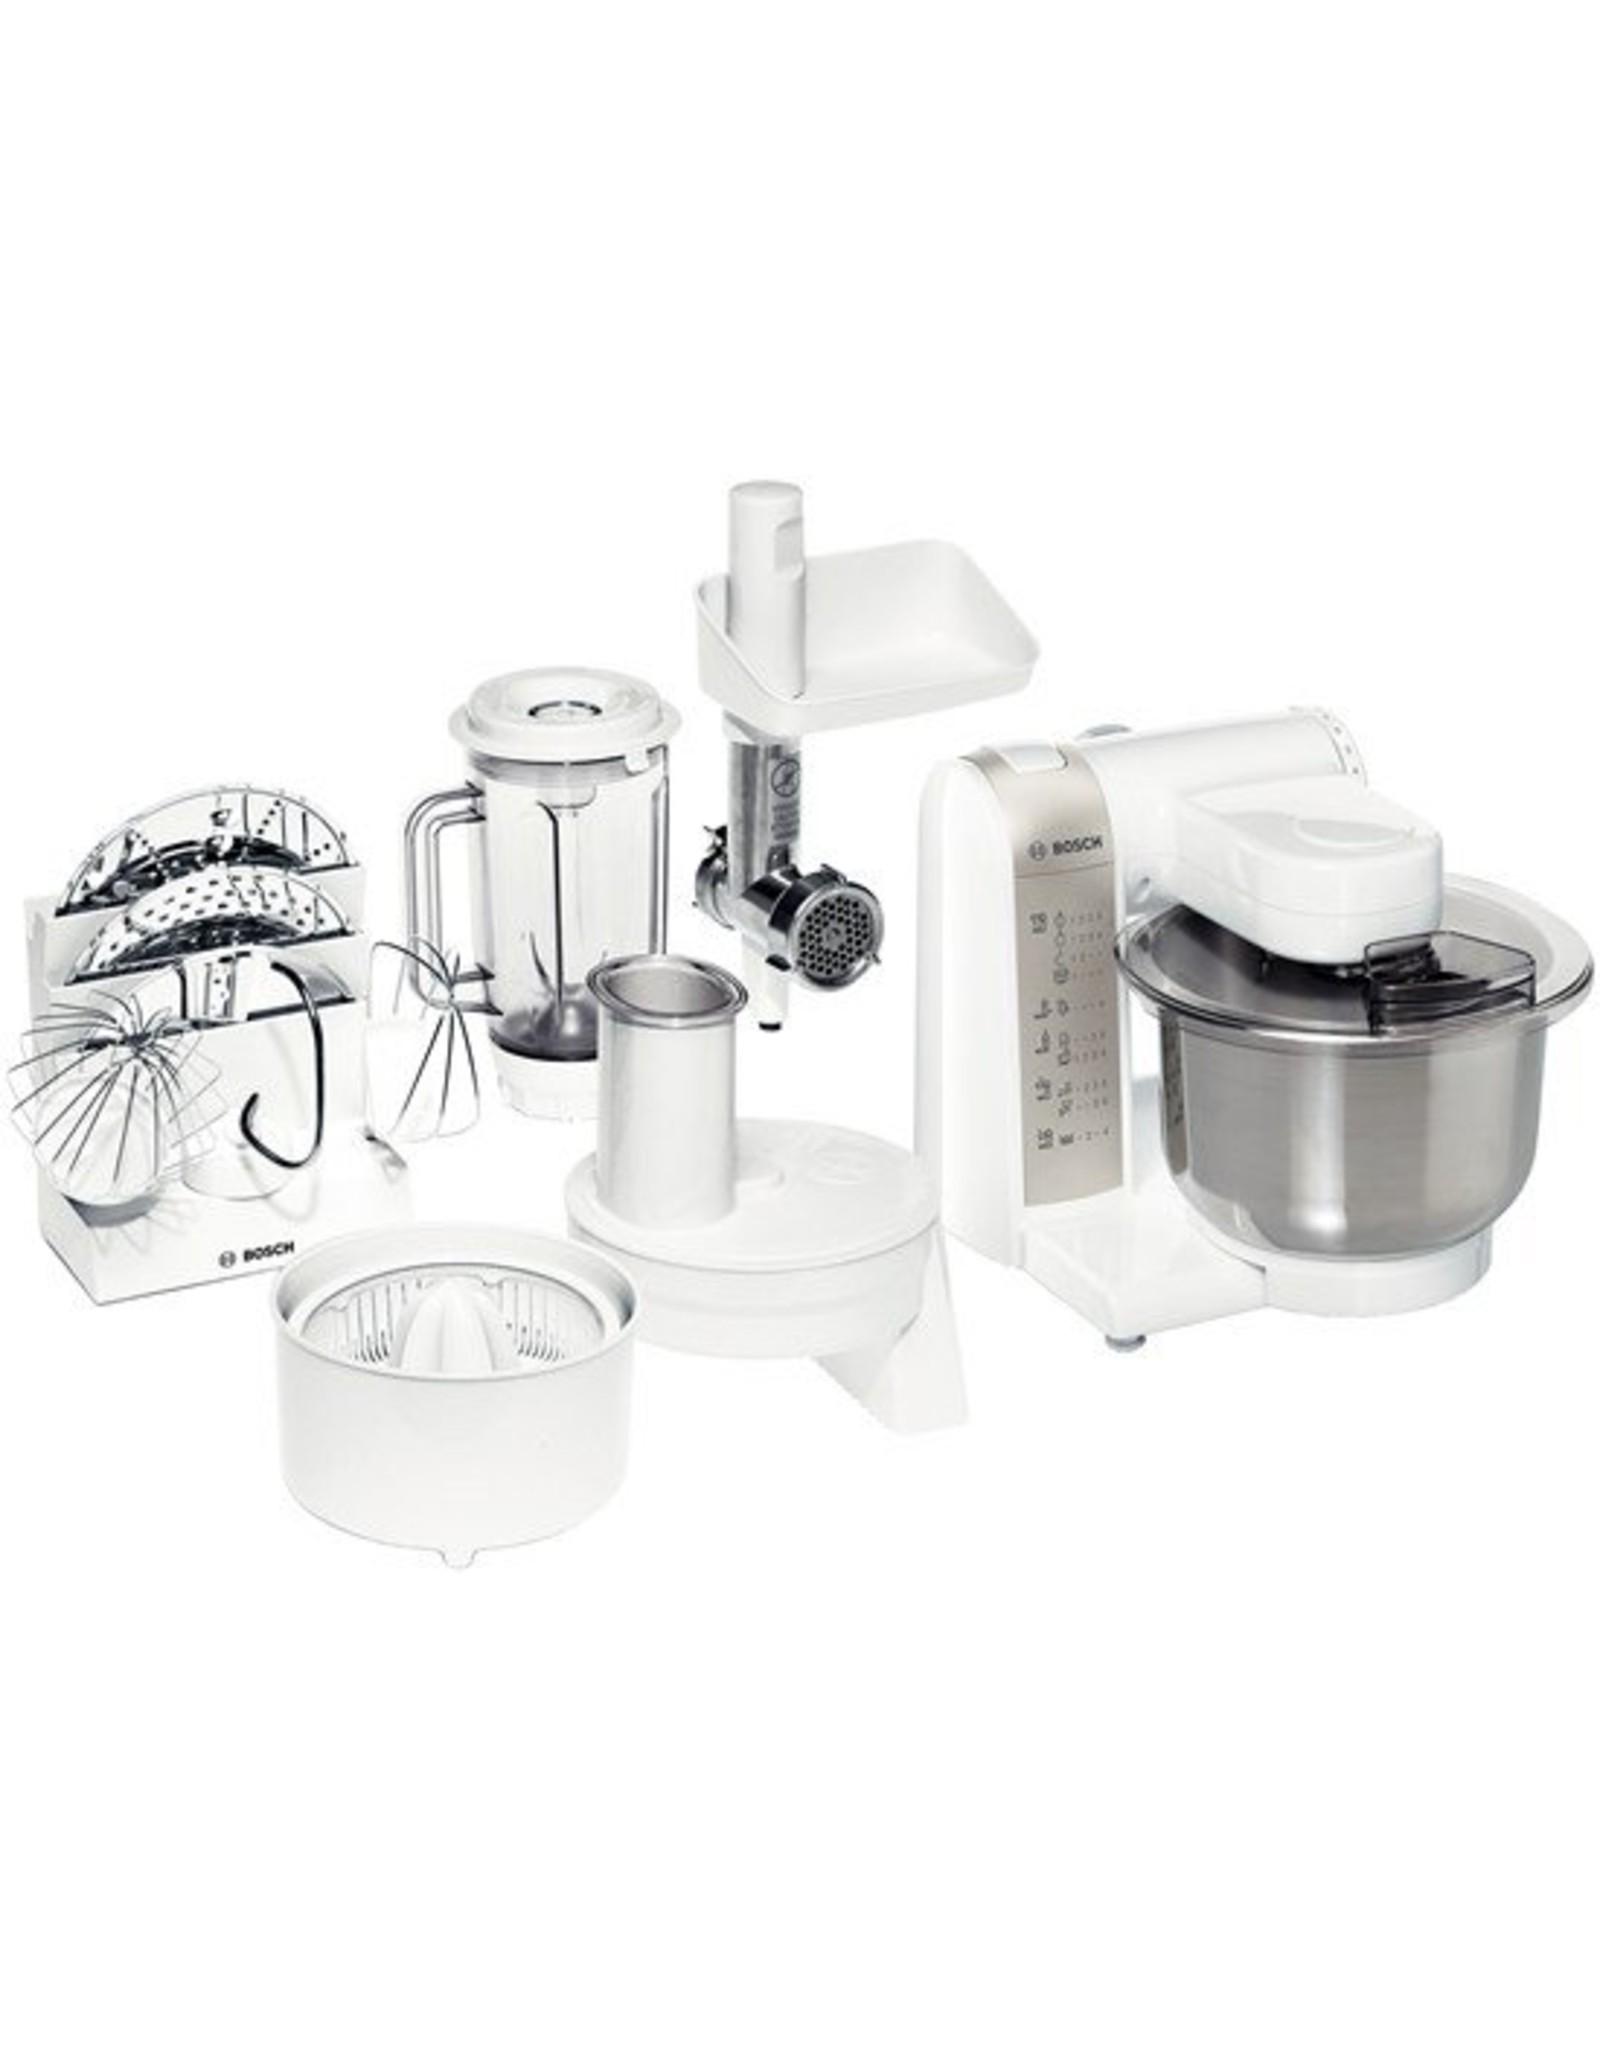 Bosch Bosch MUM4880 keukenmachine